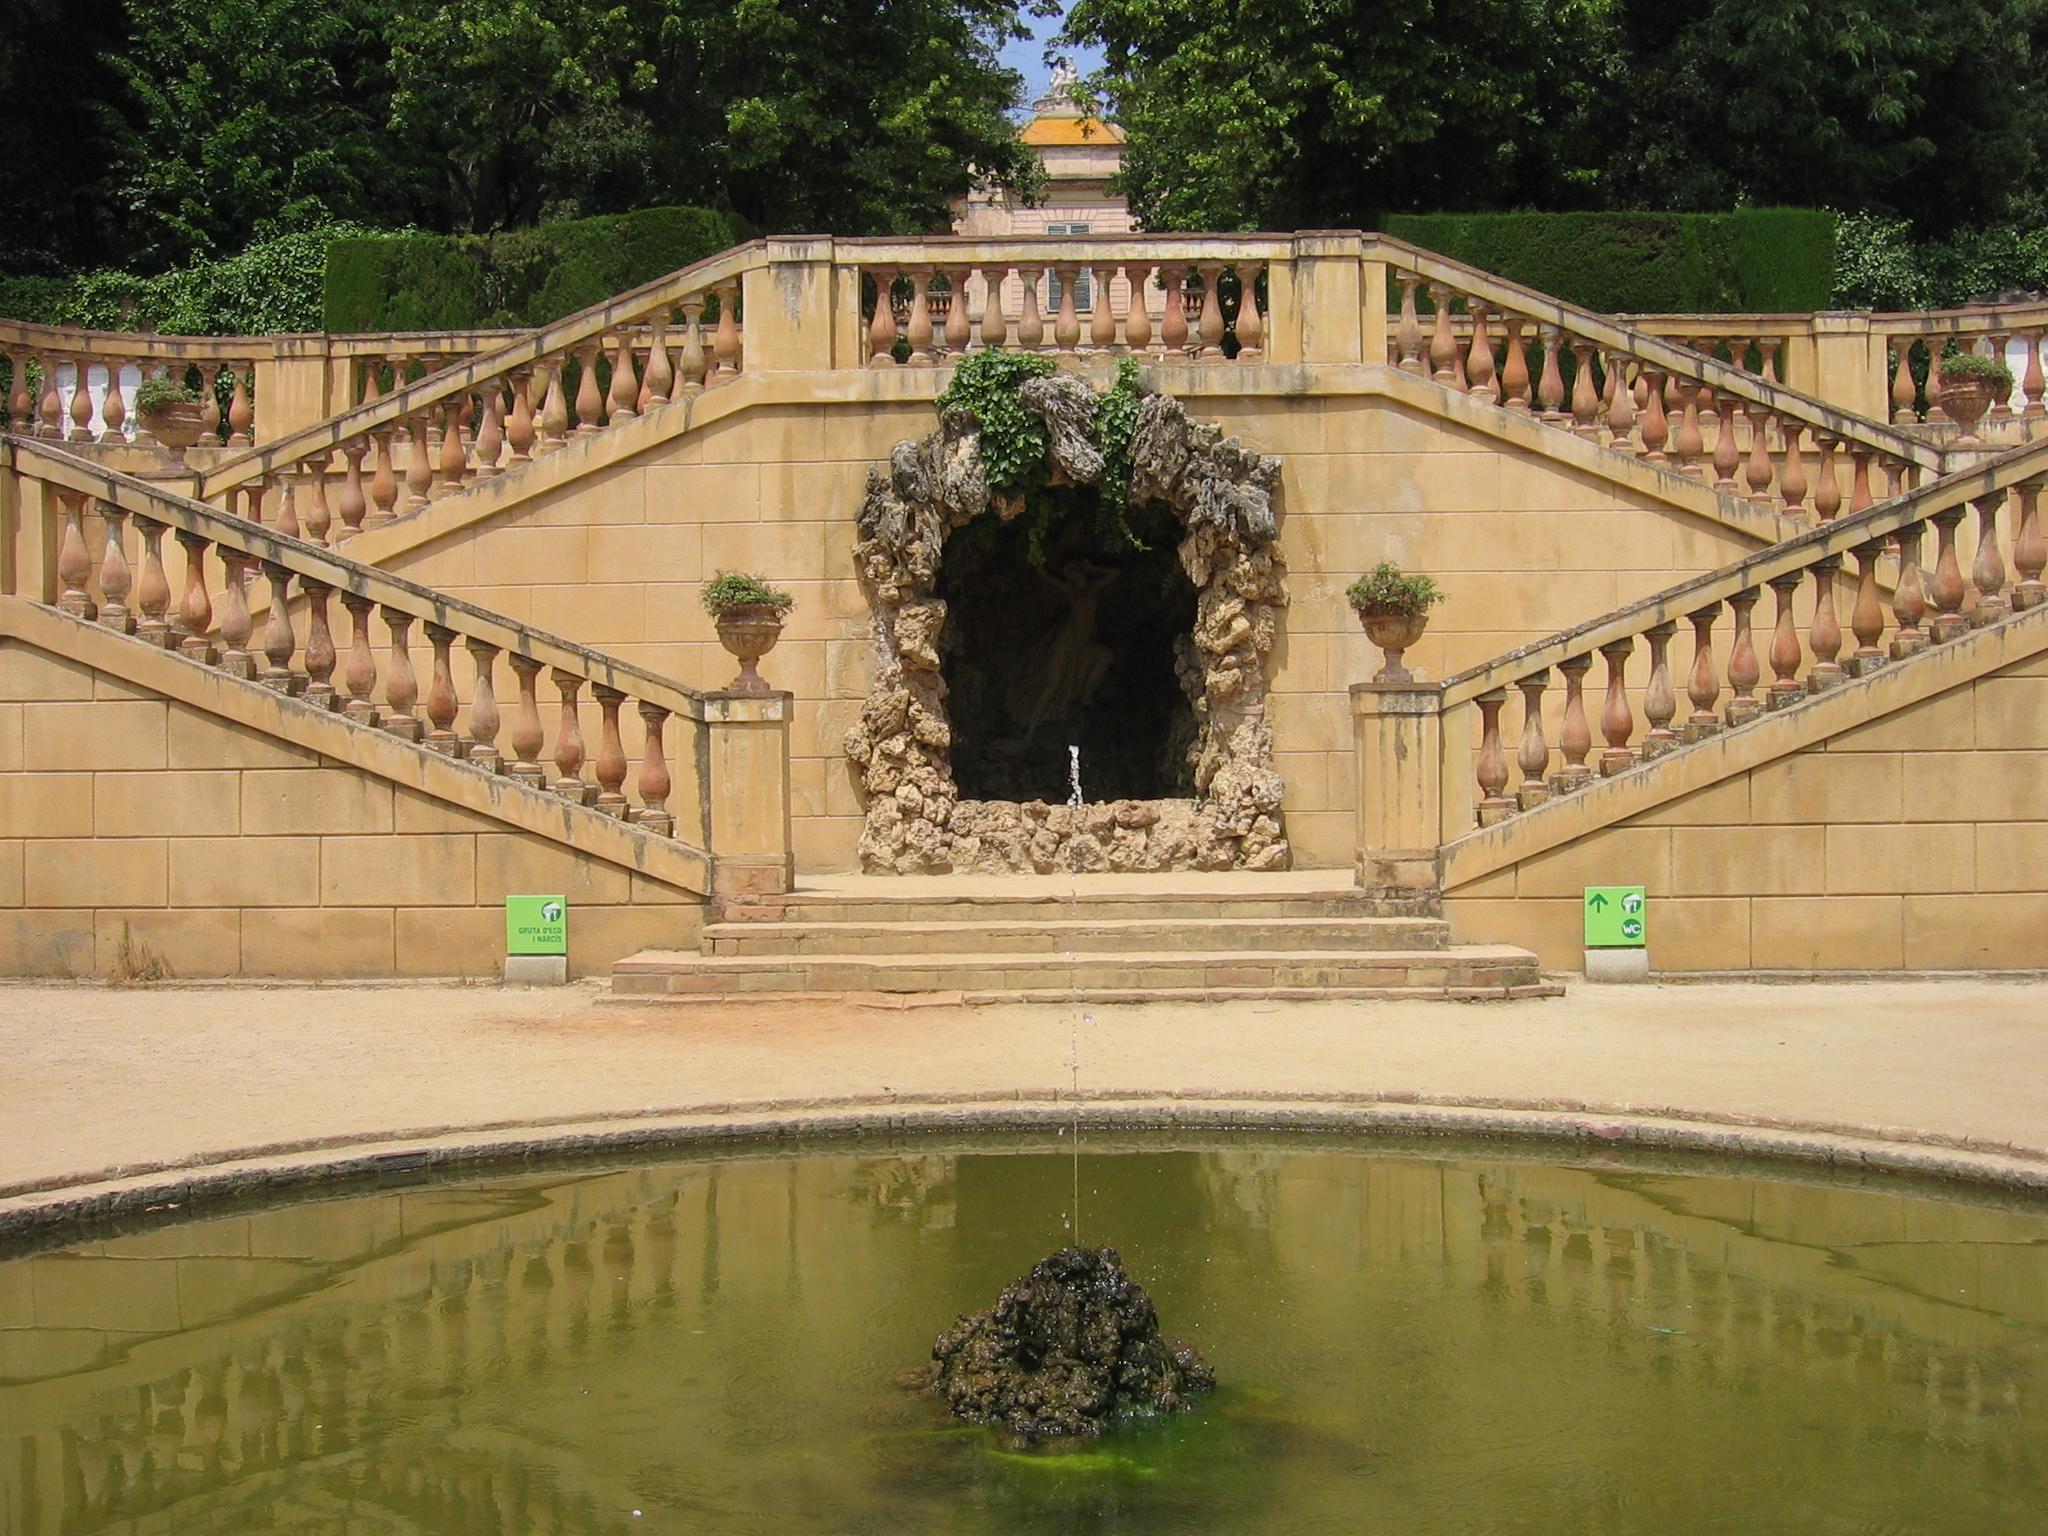 Escalinata_Mirador_Horta.JPG